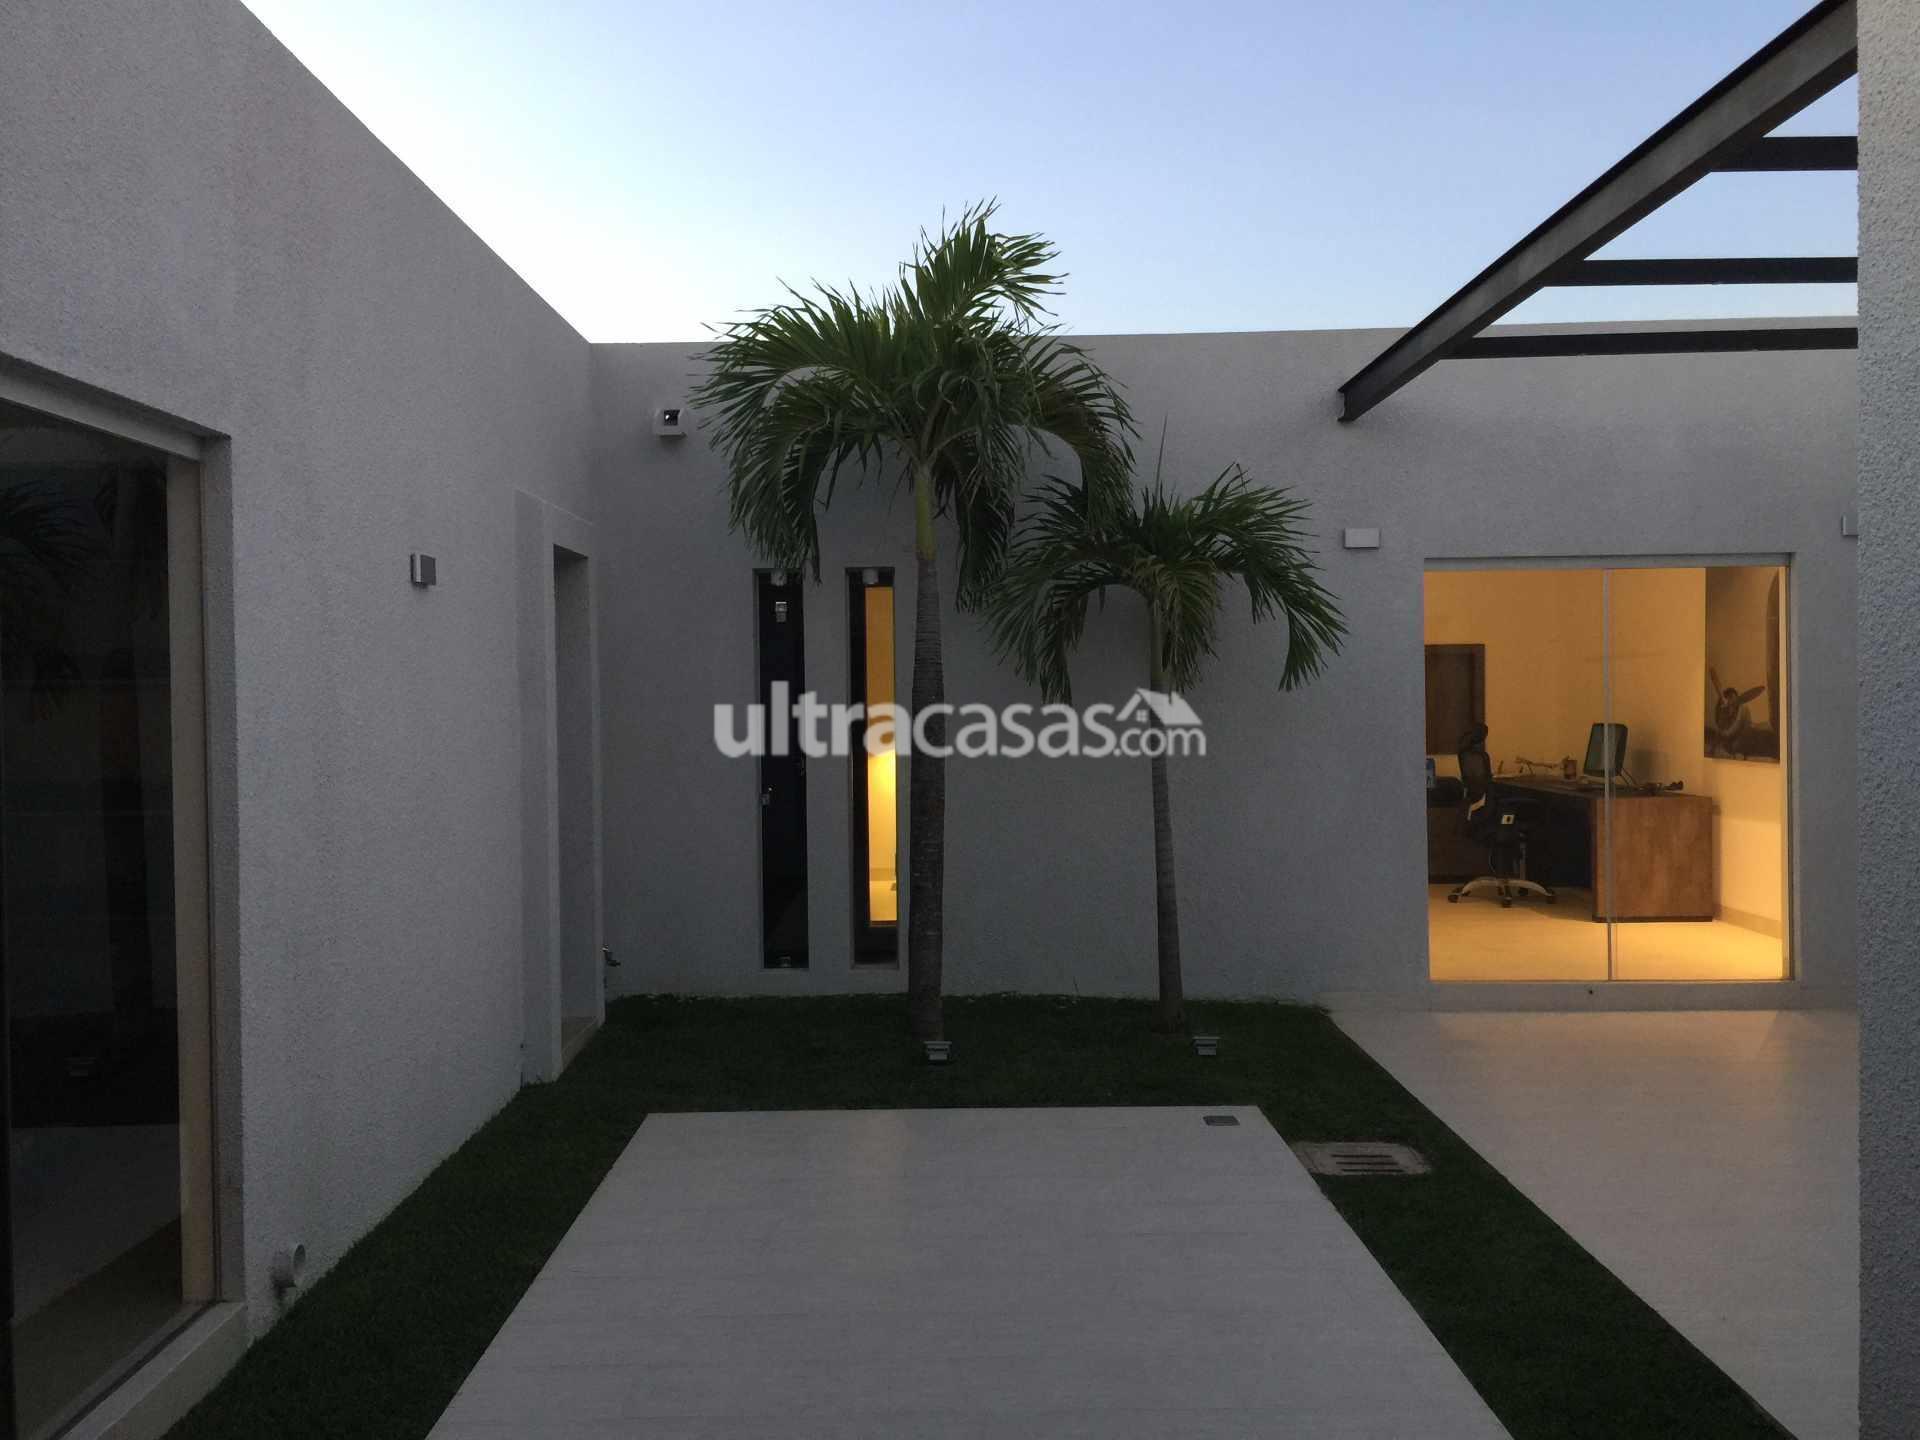 Casa en Venta Condominio Sevilla las Terrazas II, Calle Tarazona Este No 5 Foto 9